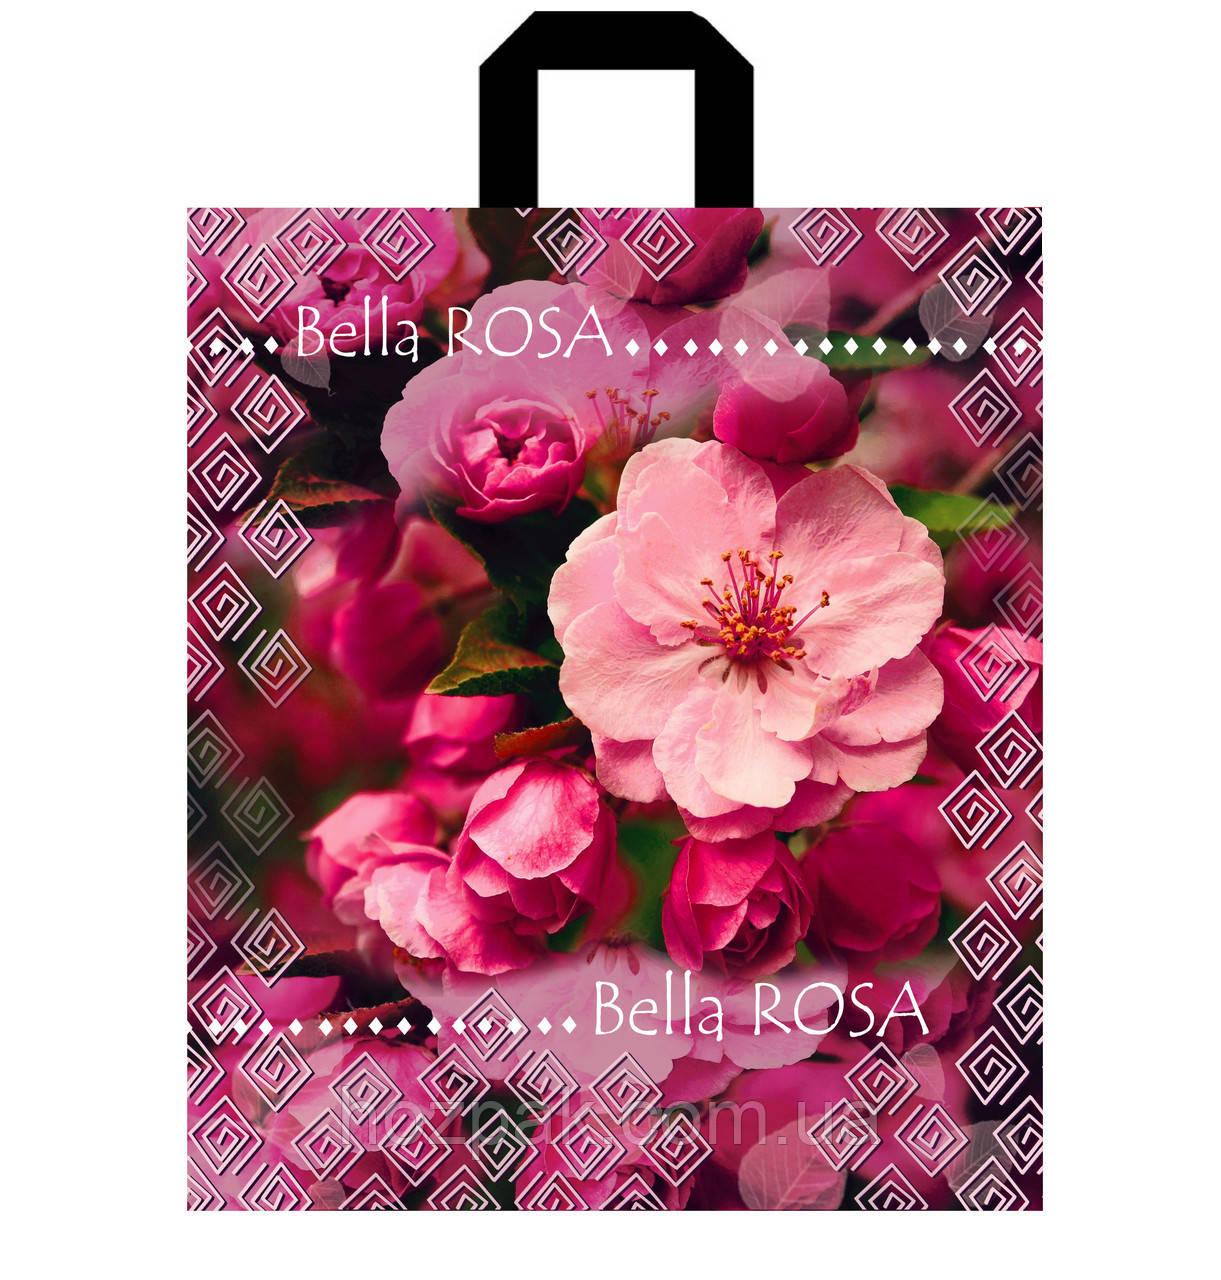 """Пакет с петлевой ручкой 40х43см 25шт. """"Bella rosa"""""""